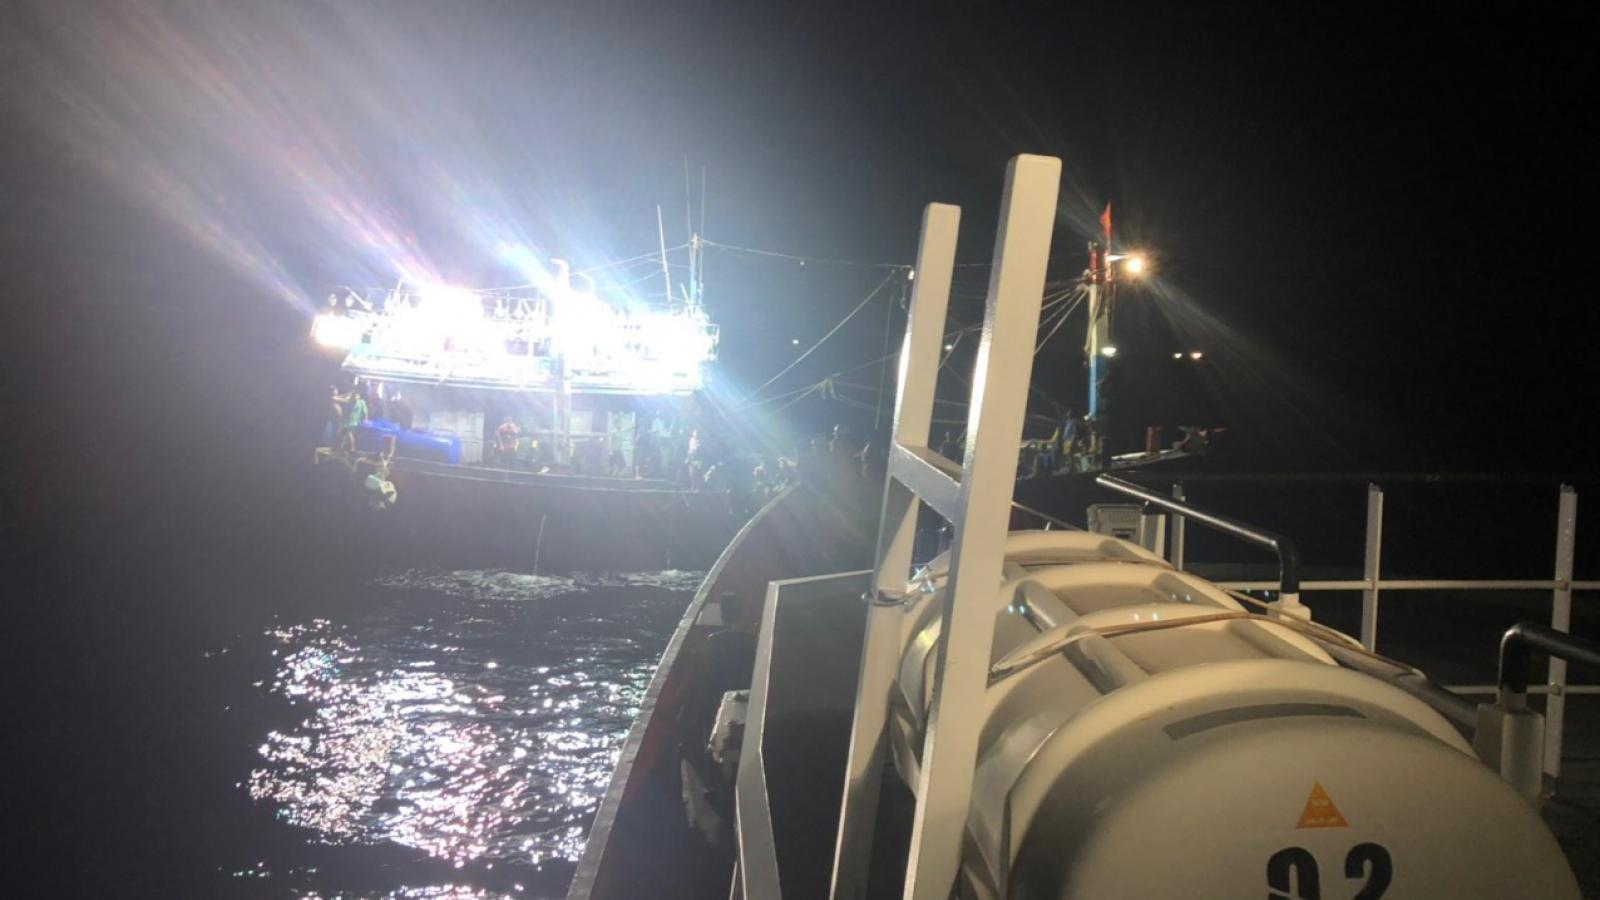 Cứu nạn khẩn cấp tàu cá cùng 18 thuyền viên gặp nạn trên biển Nghệ An